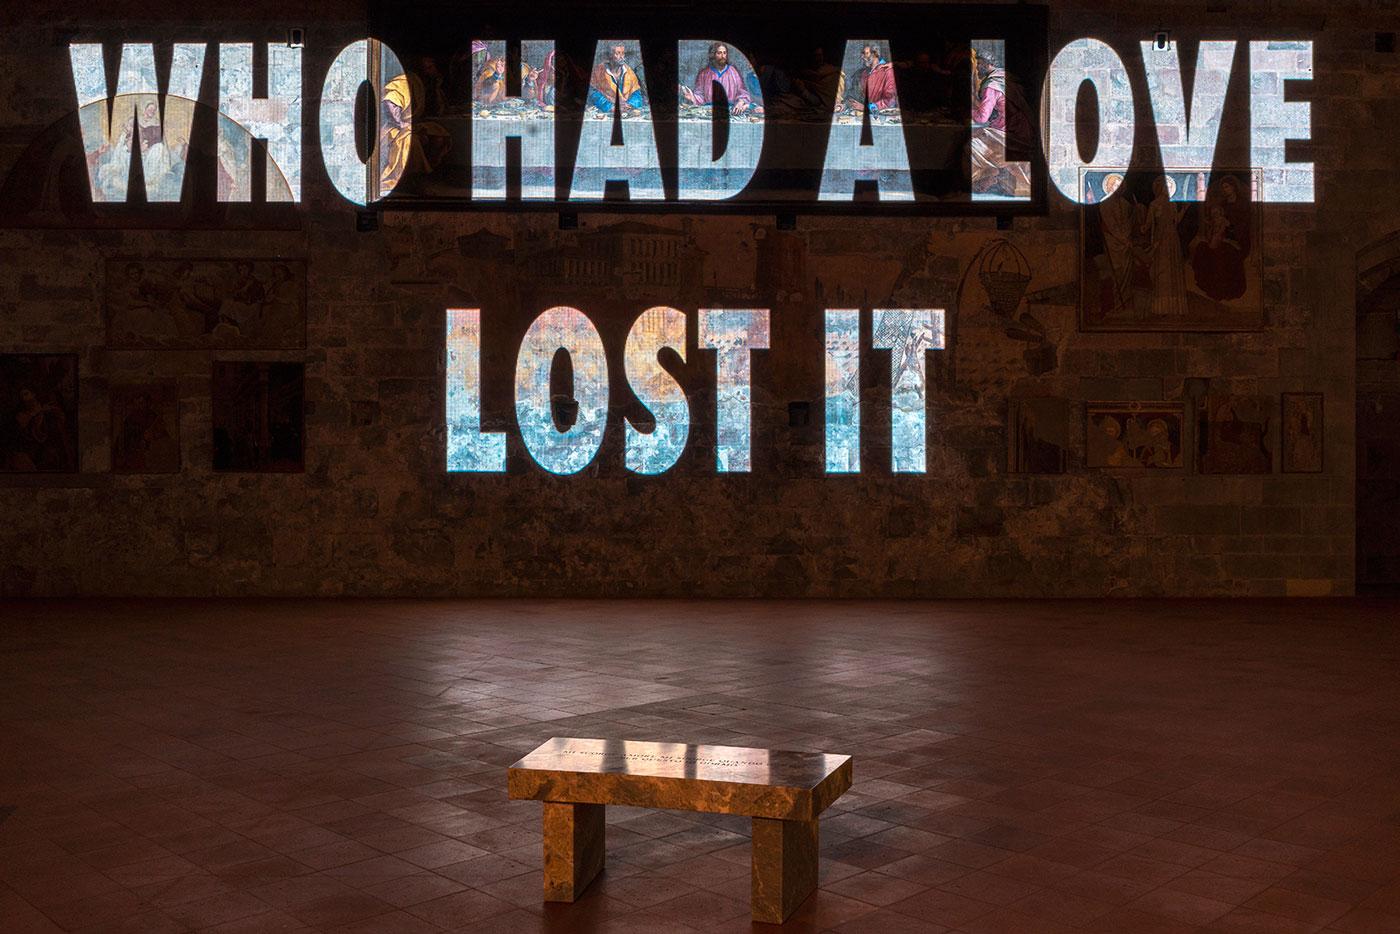 """Dormo, 2019. Curved Versilys Gold marble bench 17 x 41.75 x 18 in. / 43.2 x 106 x 45.7 cm. Text: """"Essere animale per la grazia"""" from Pigre divinità e pigra sorte by Patrizia Cavalli, © 2006 by Giulio Einaudi Editore. Used with permission of the author and the publisher."""